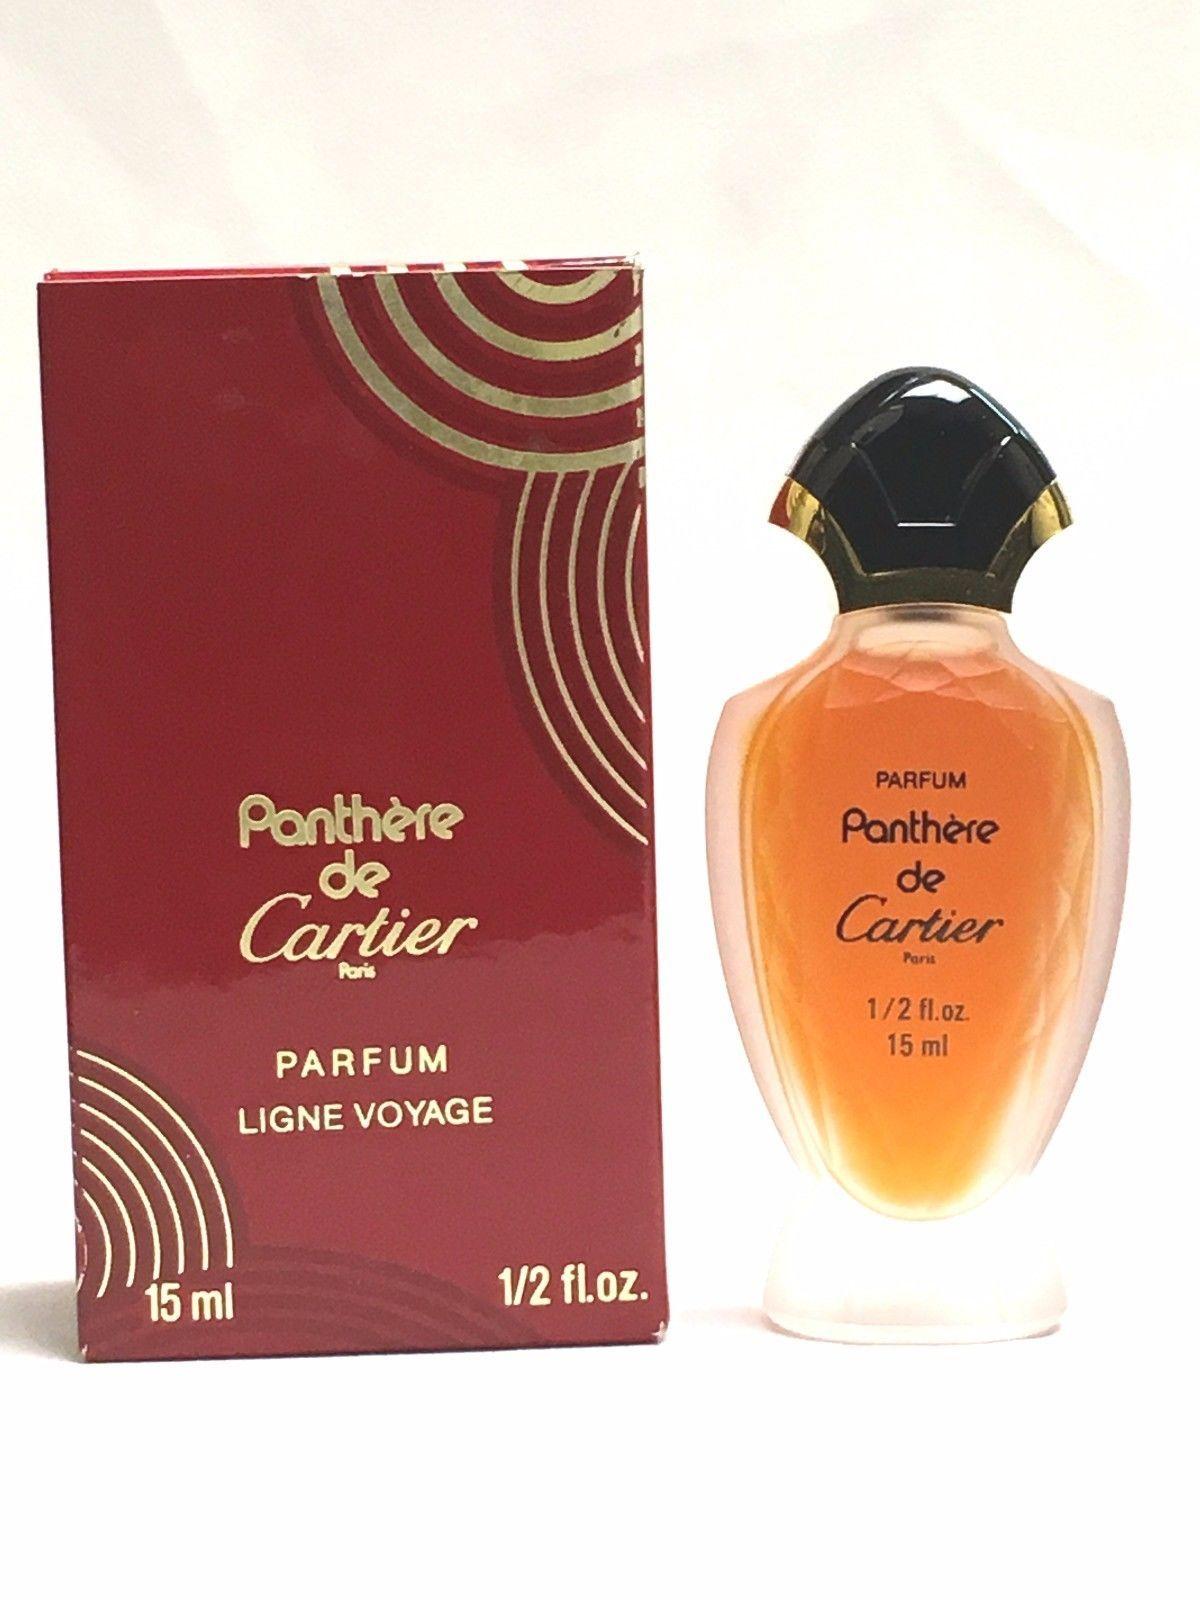 Panthere de Cartier Parfum Ligne Voyage 15ml/0.5oz Splash